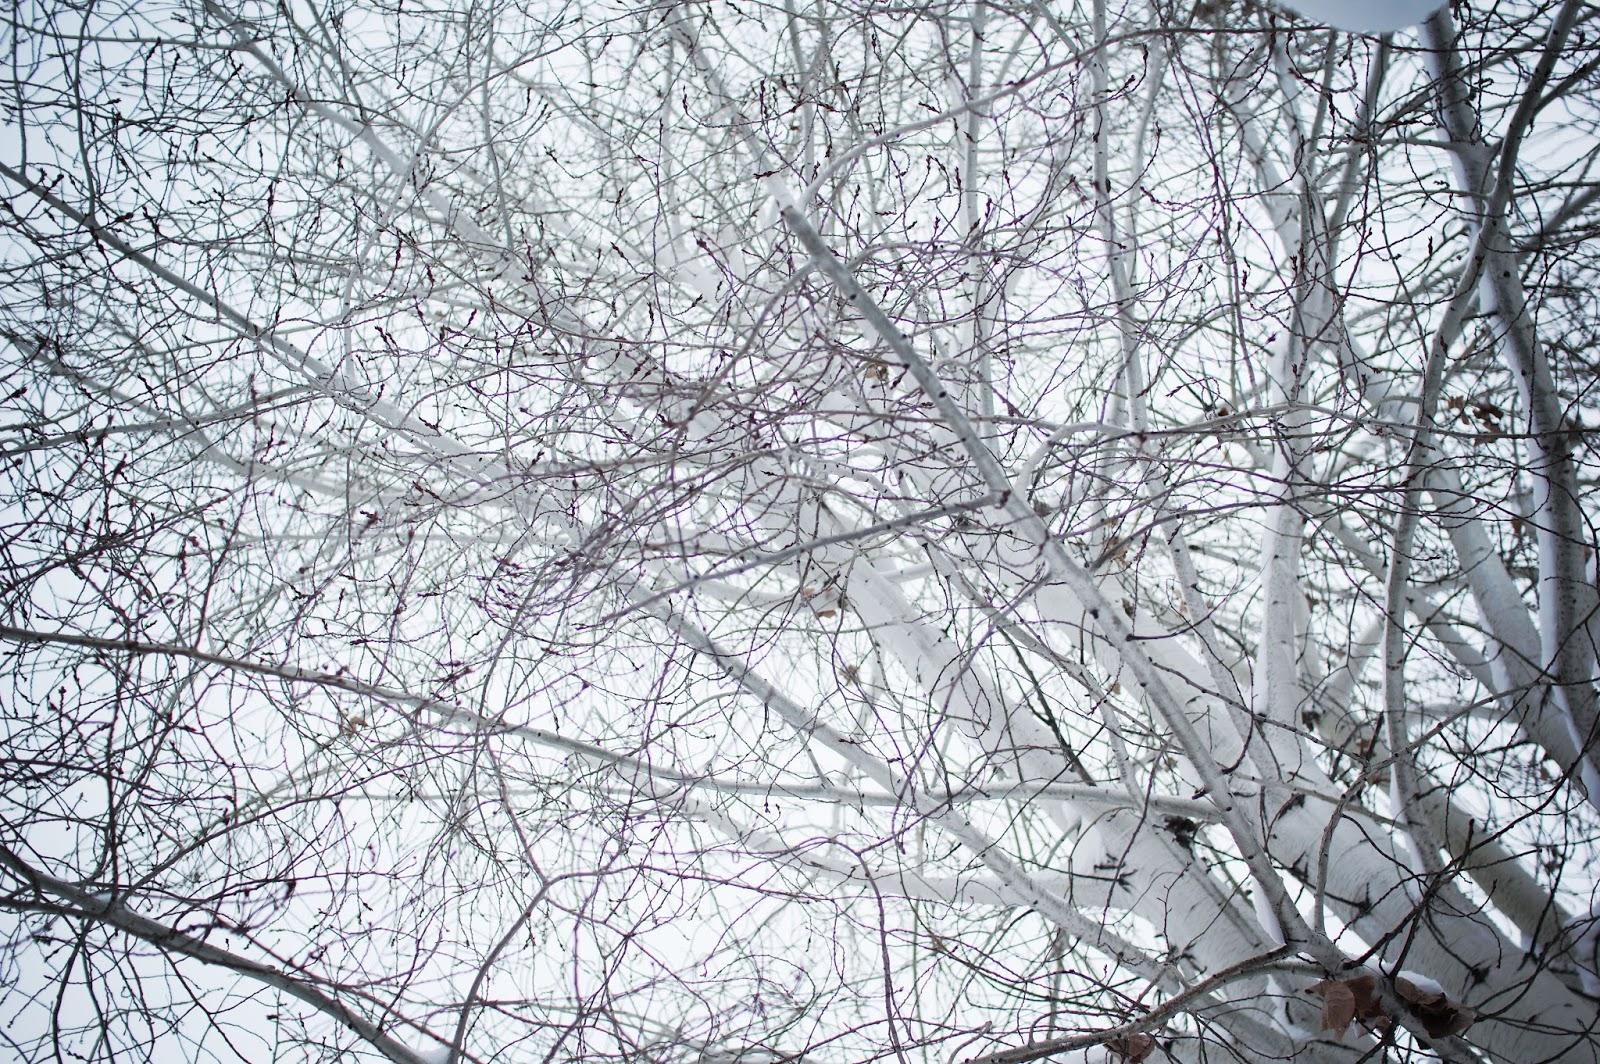 winter, trees, snow, white, junelemongirl, delune